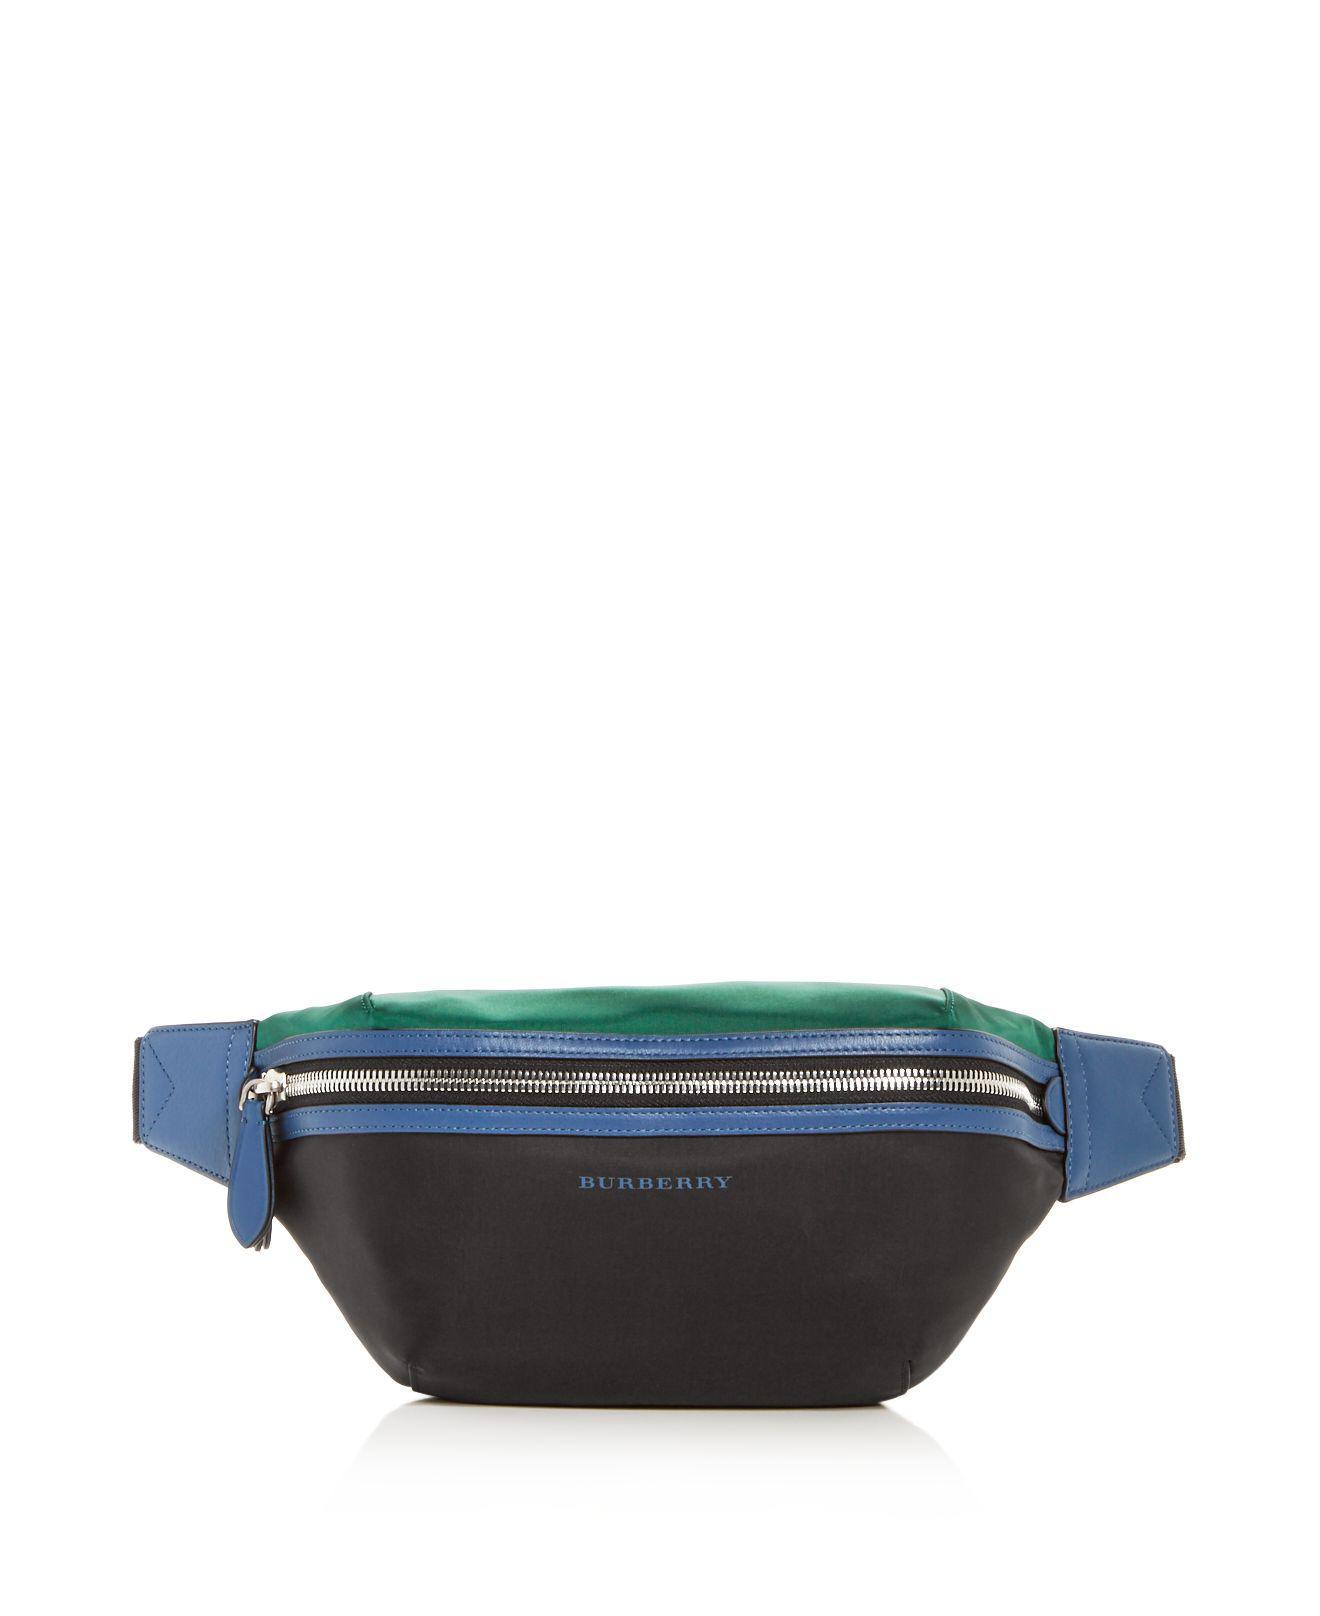 c5e8b6f529ea Lyst - Burberry Sonny Color-block Belt Bag in Black for Men